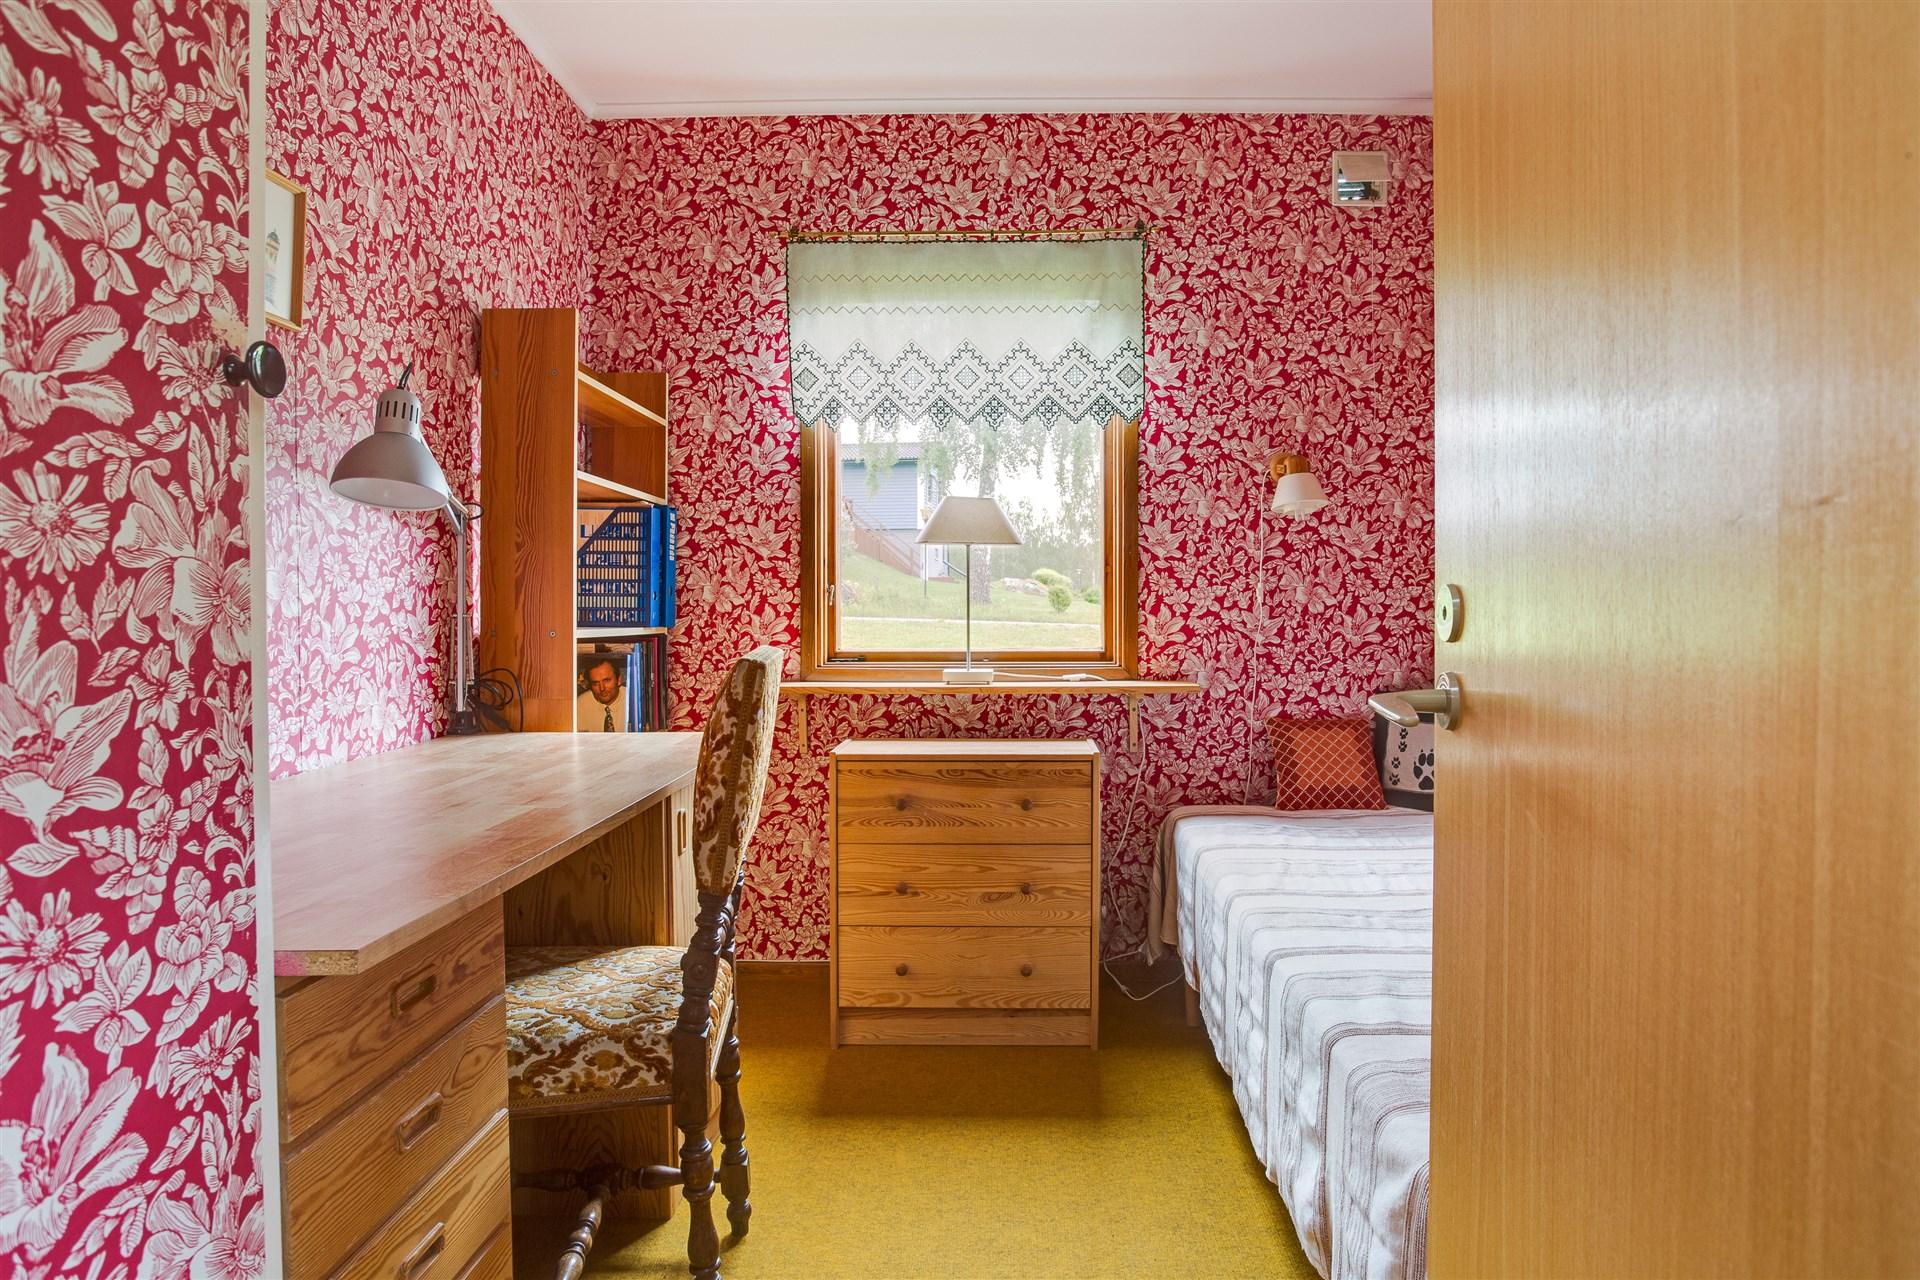 Sovrum 1 med 2 garderober.